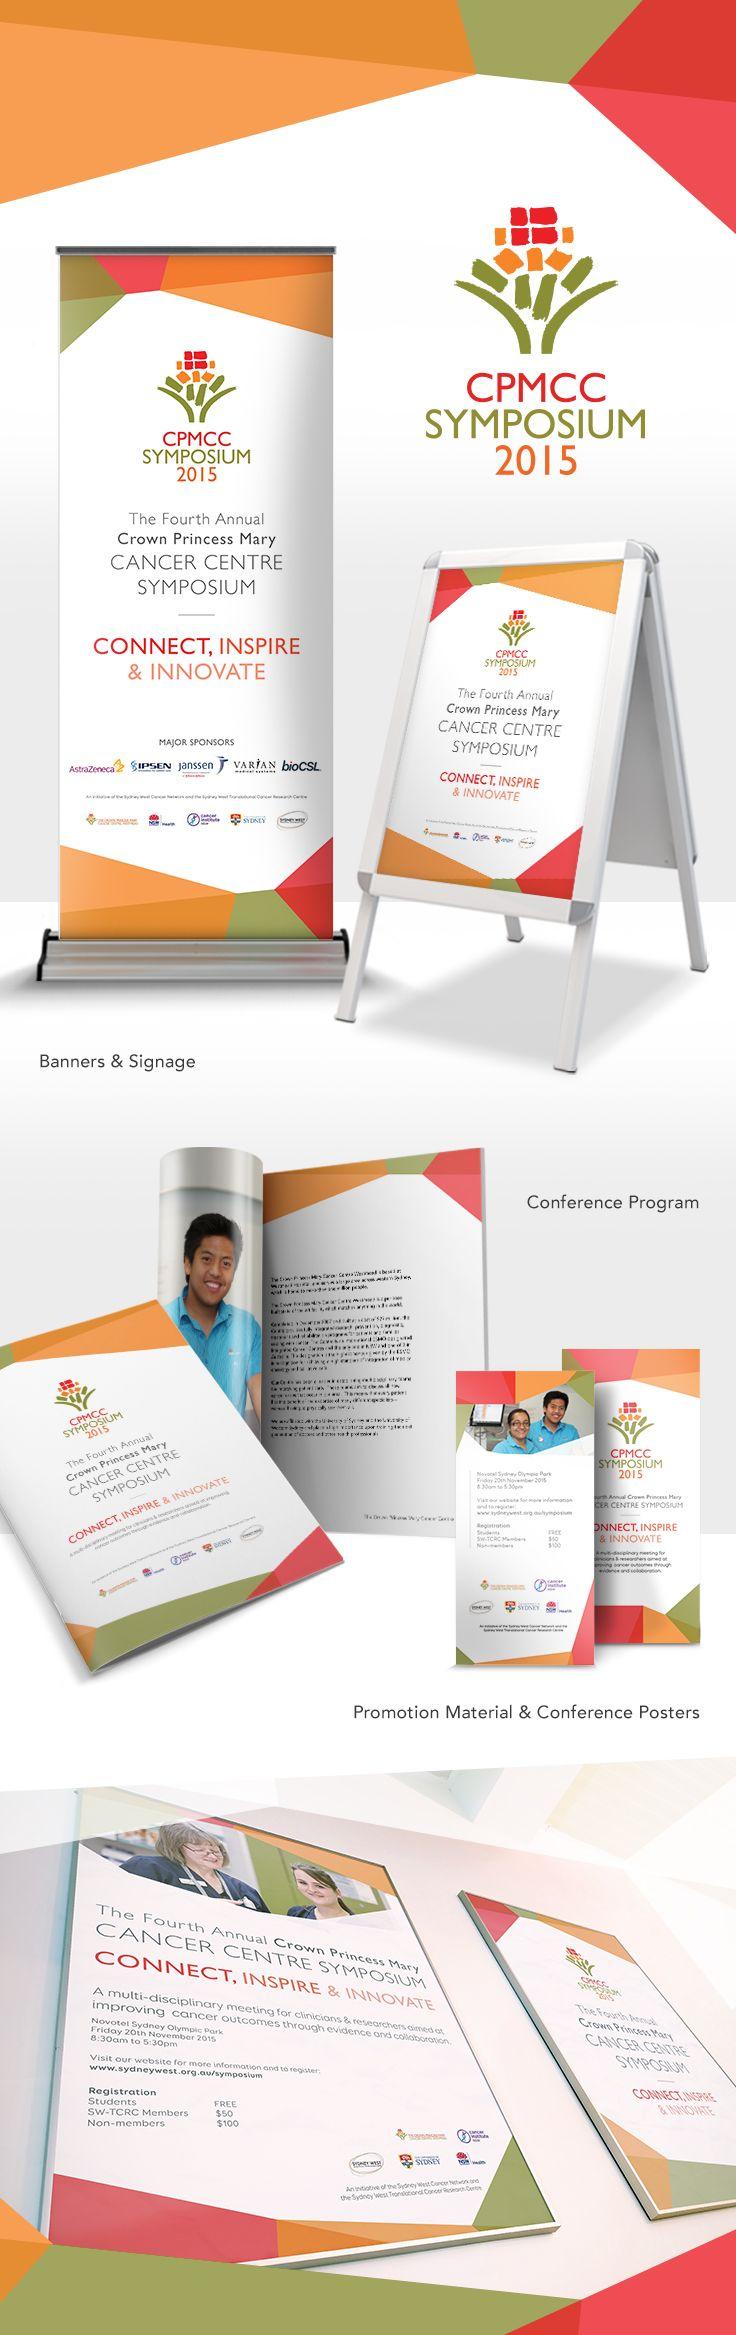 CPMCC Symposium 2015 Branding | Graphic Design, Brand Identity, Signage, Pull up…